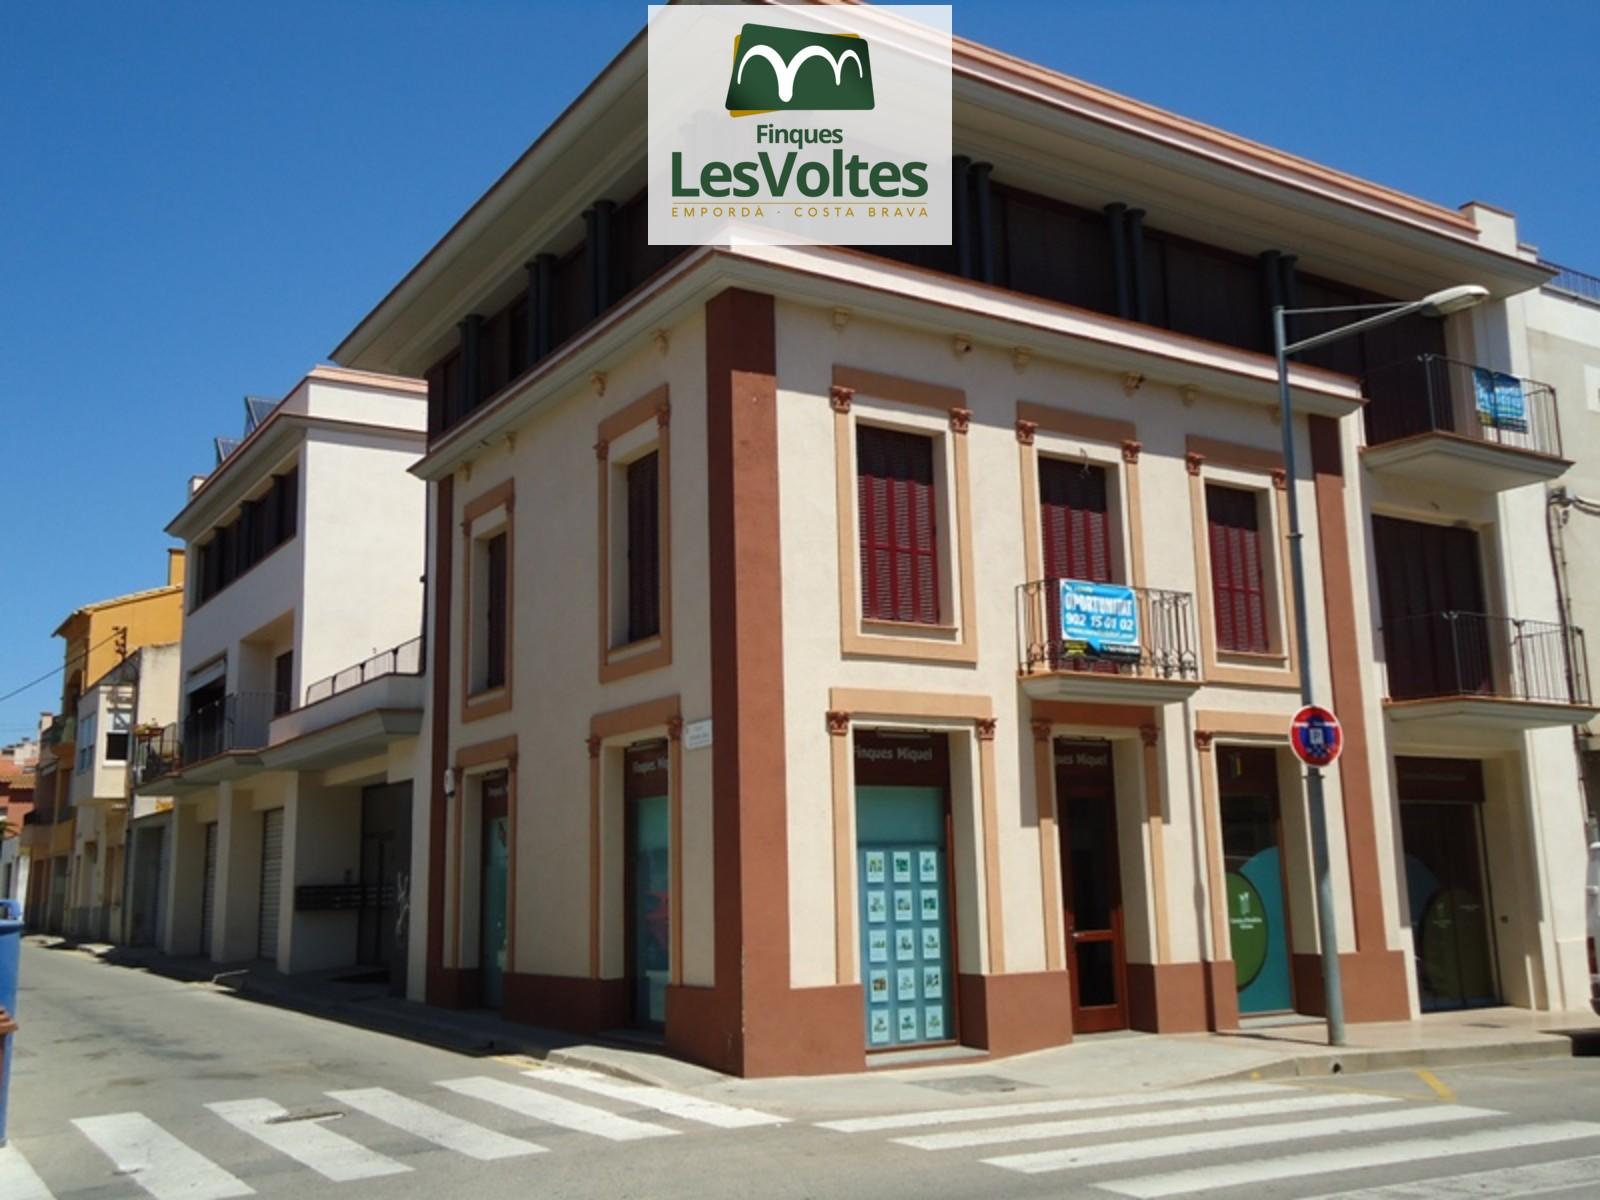 Liquidació de places d'aparcament en venda al centre de Palafrugell. Finançament de fins el 100%!